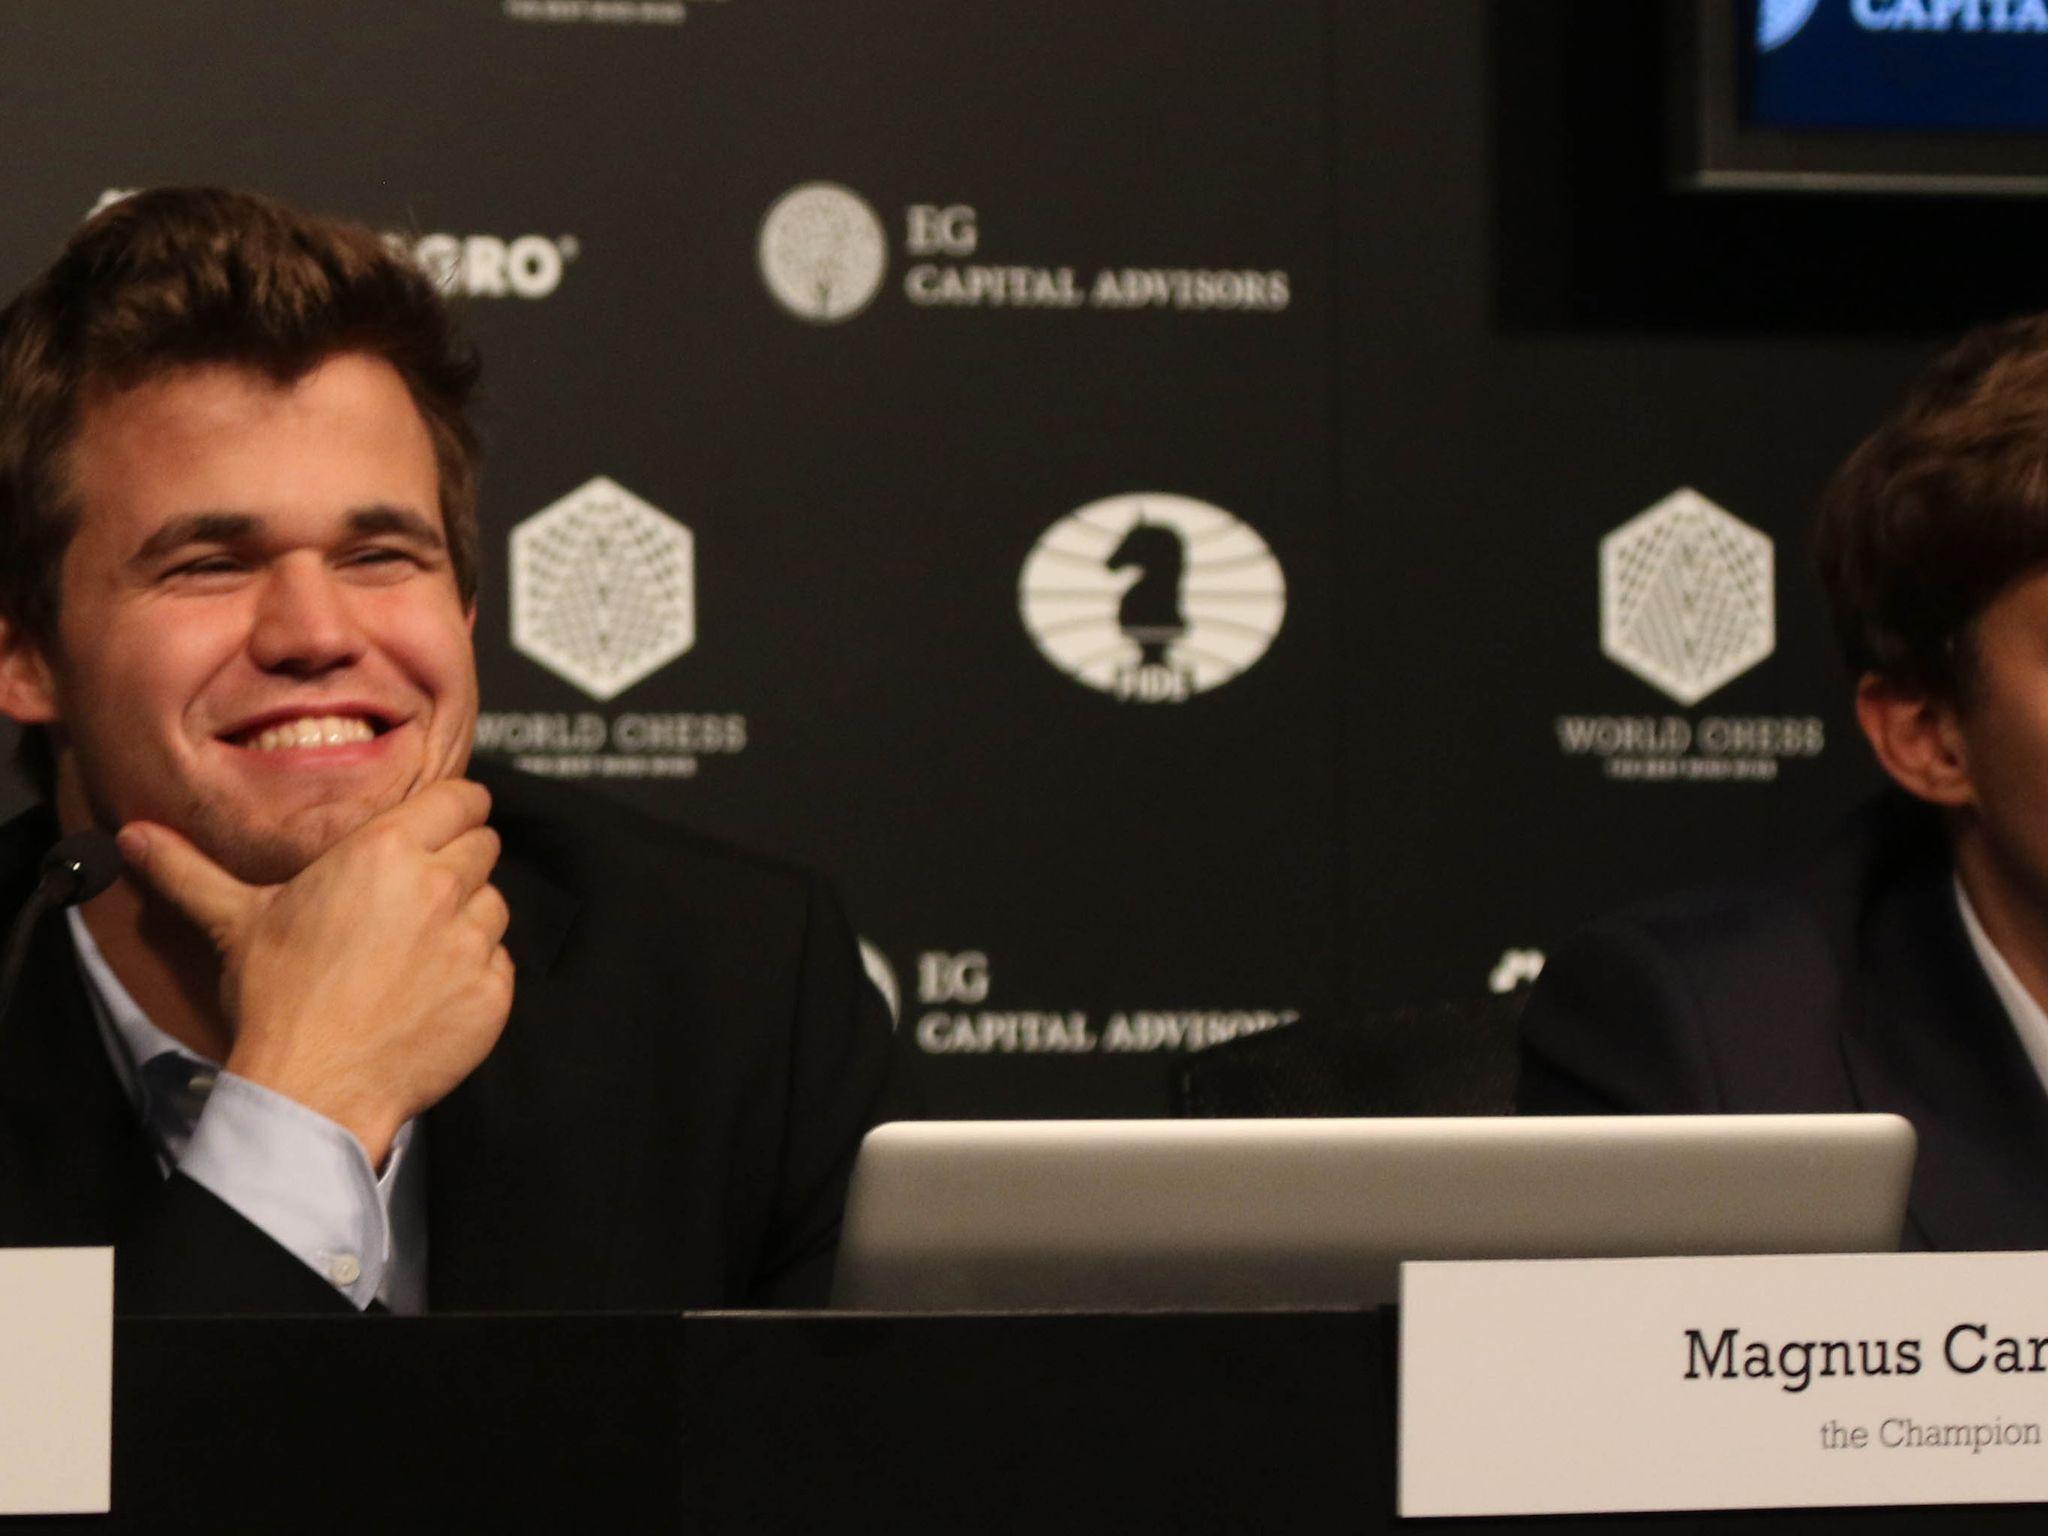 Da Carlsen Horte Nrk Profilens Kommentarer Kom Han Med En Freidig Replikk